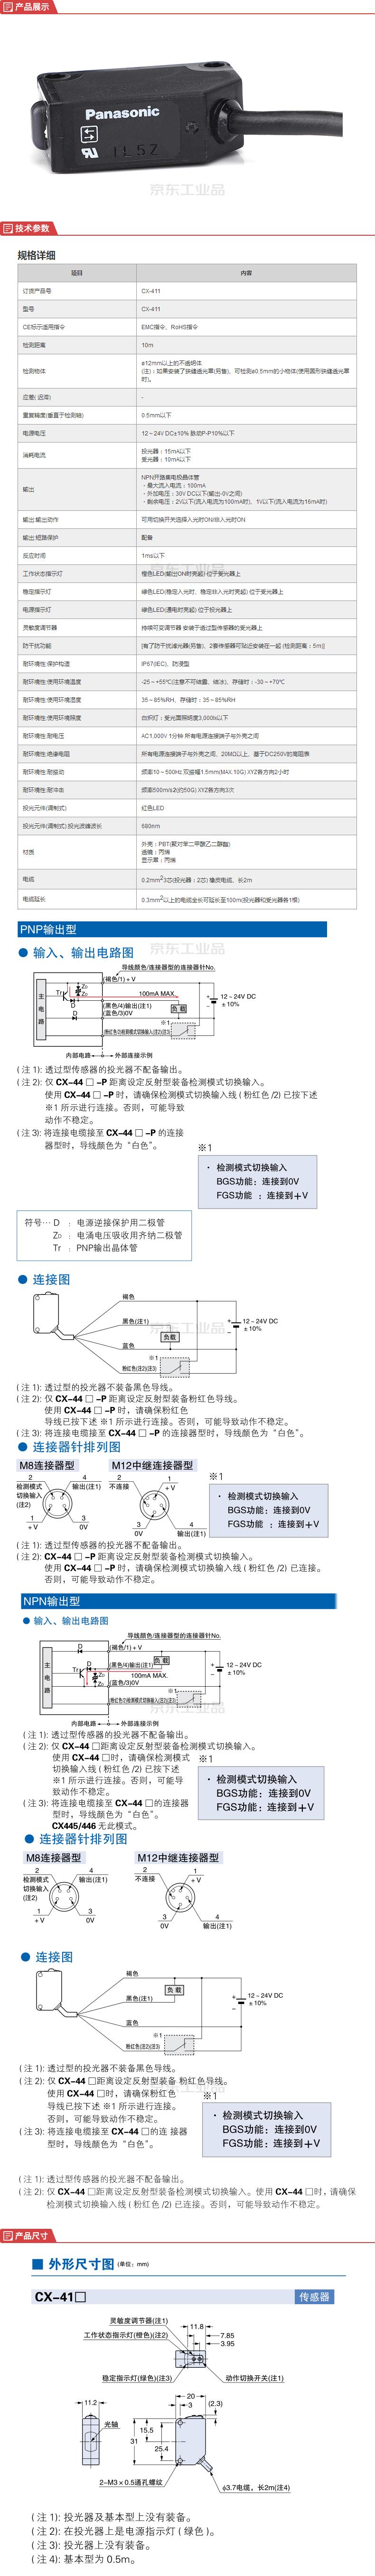 松下(Panasonic) 小型光电传感器;CX-411